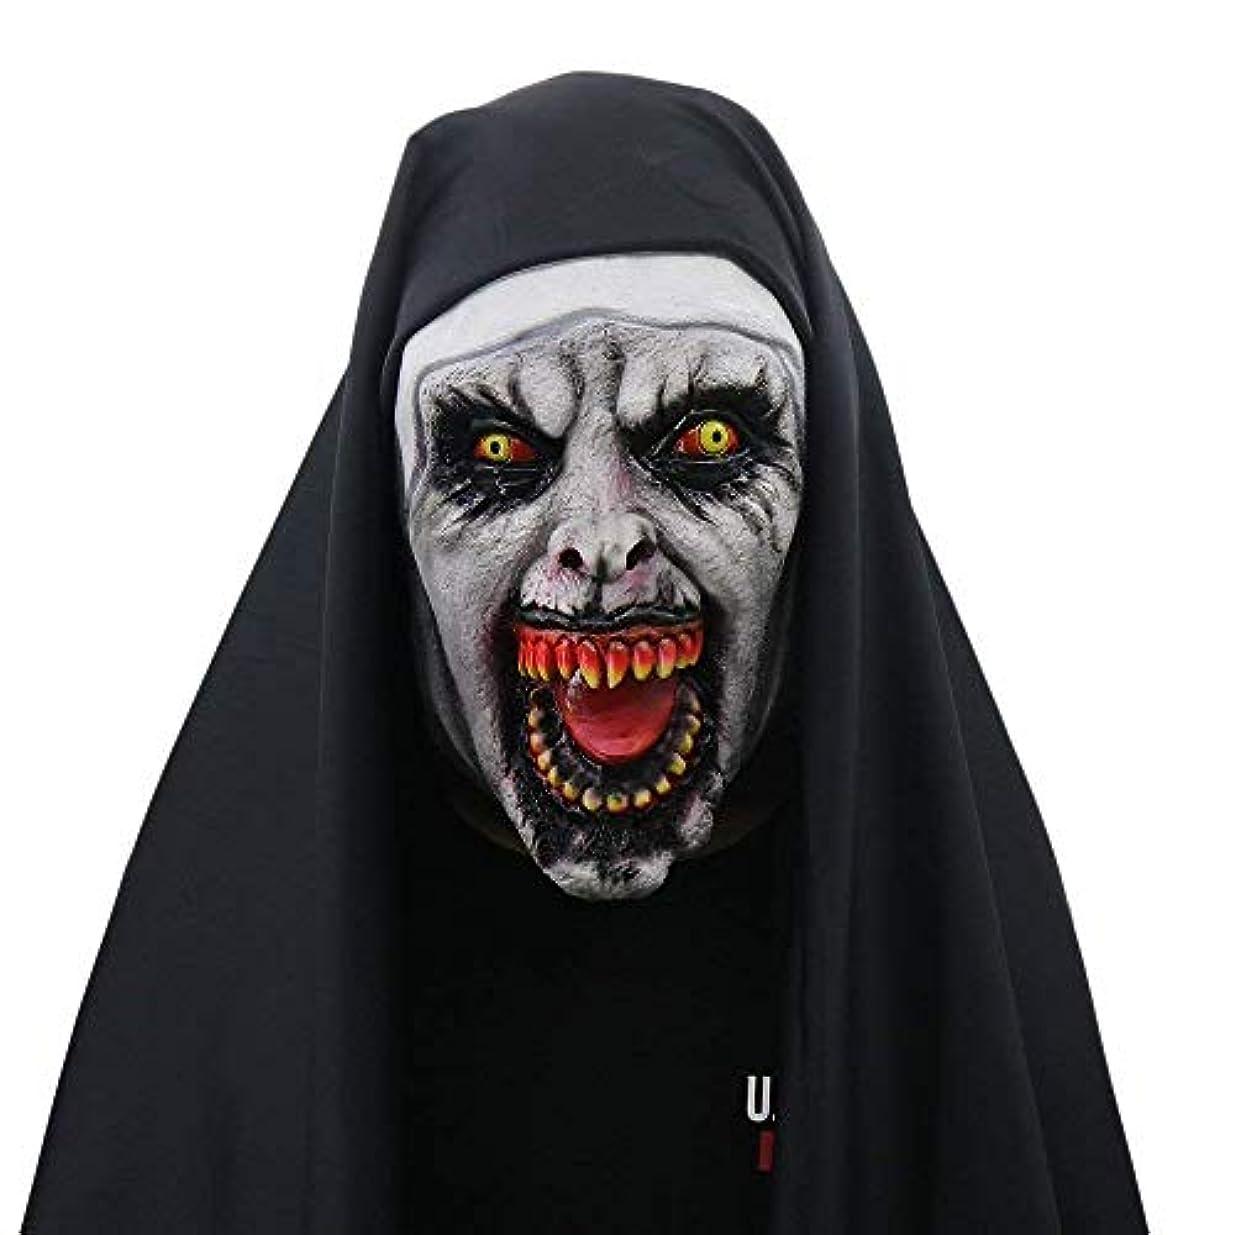 報復する経歴まとめる女性のためのハロウィン修道女の衣装、修道女仮面の怖いベール